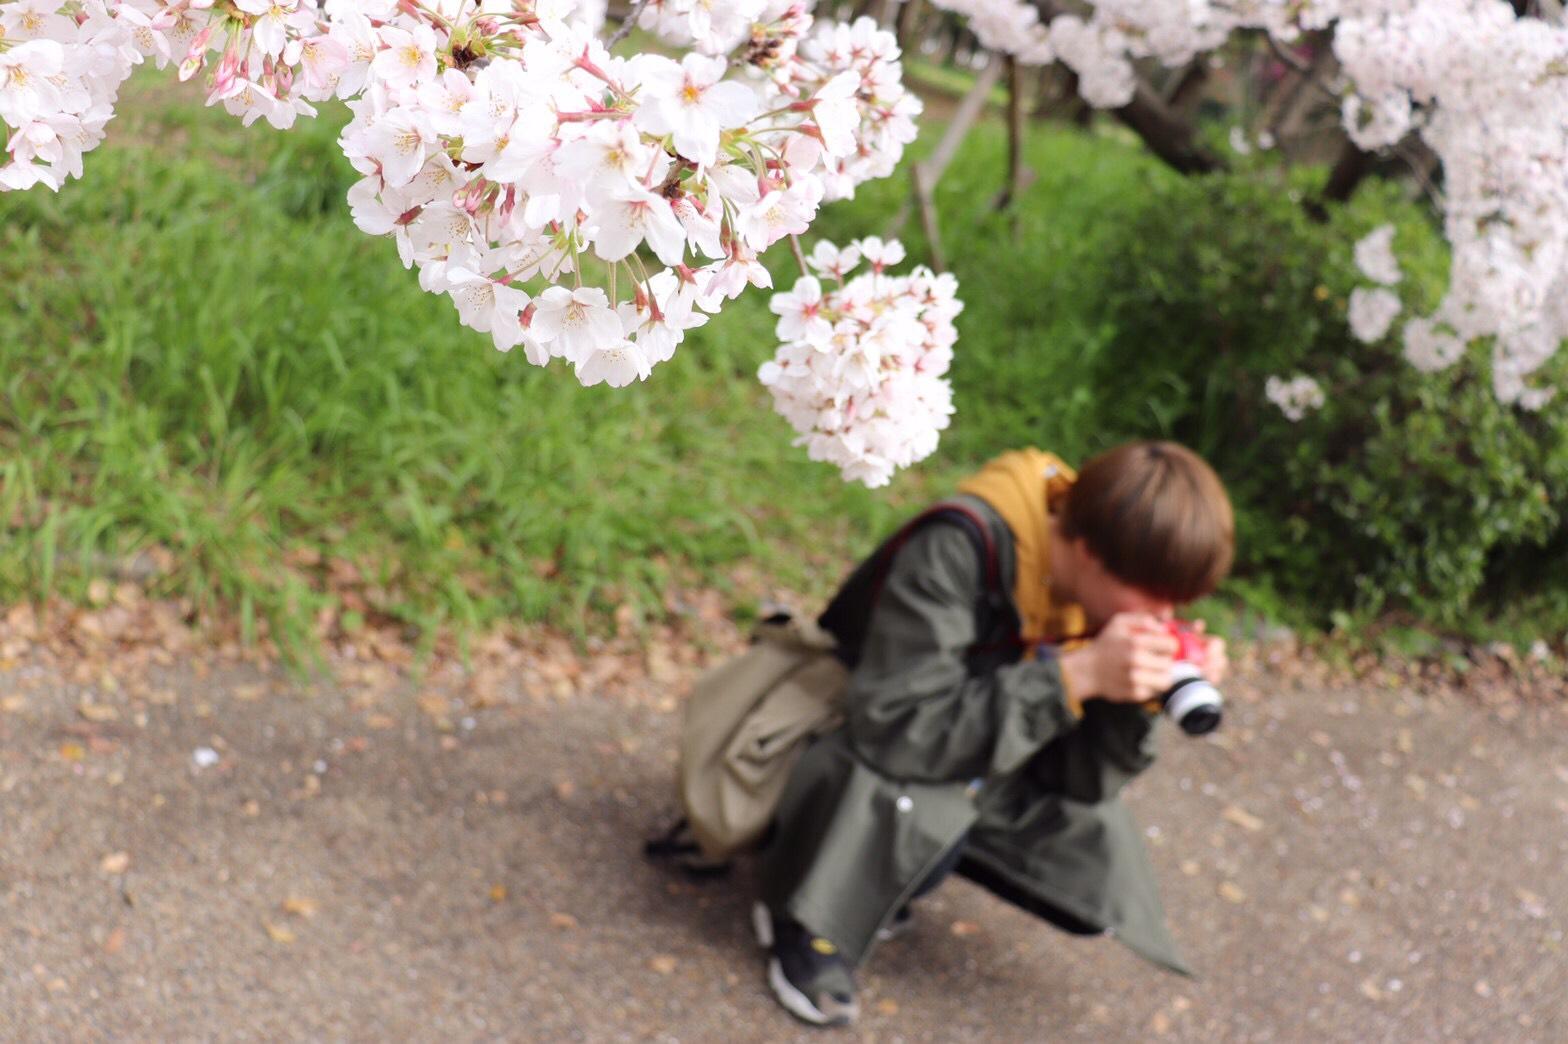 京都とは何か? – すべてである。